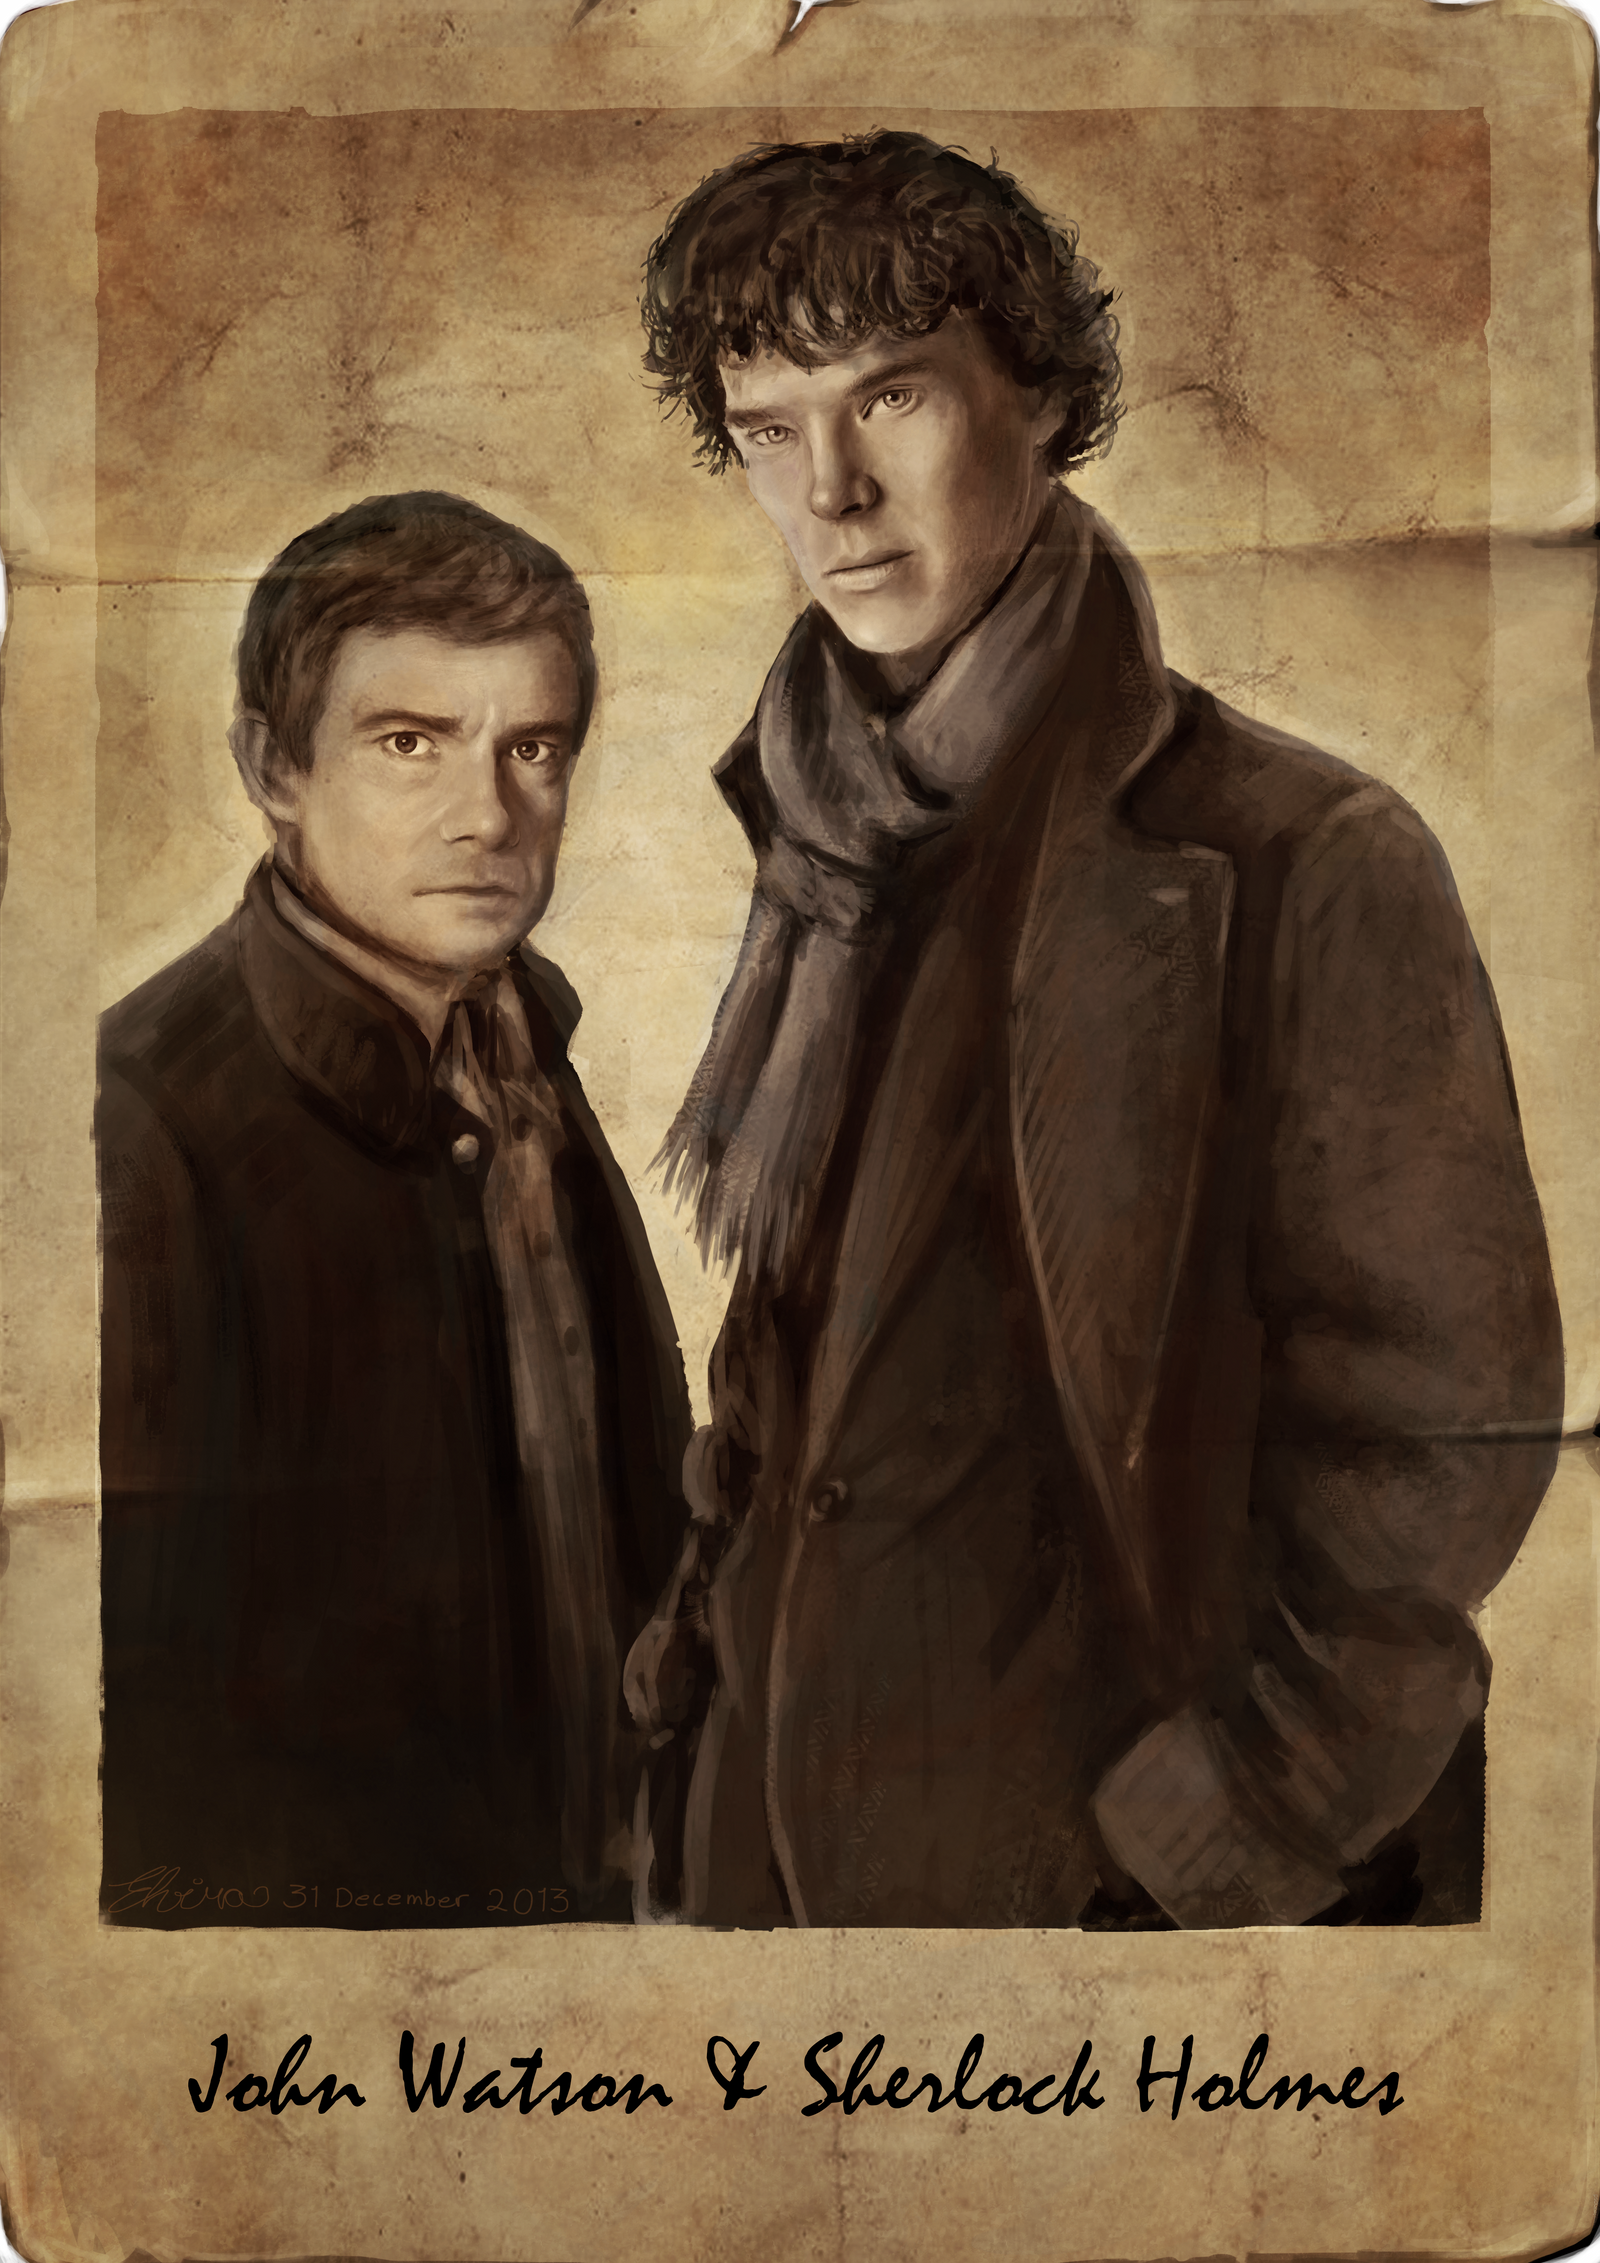 John Watson and Sherlock Holmes by WolfHowl10